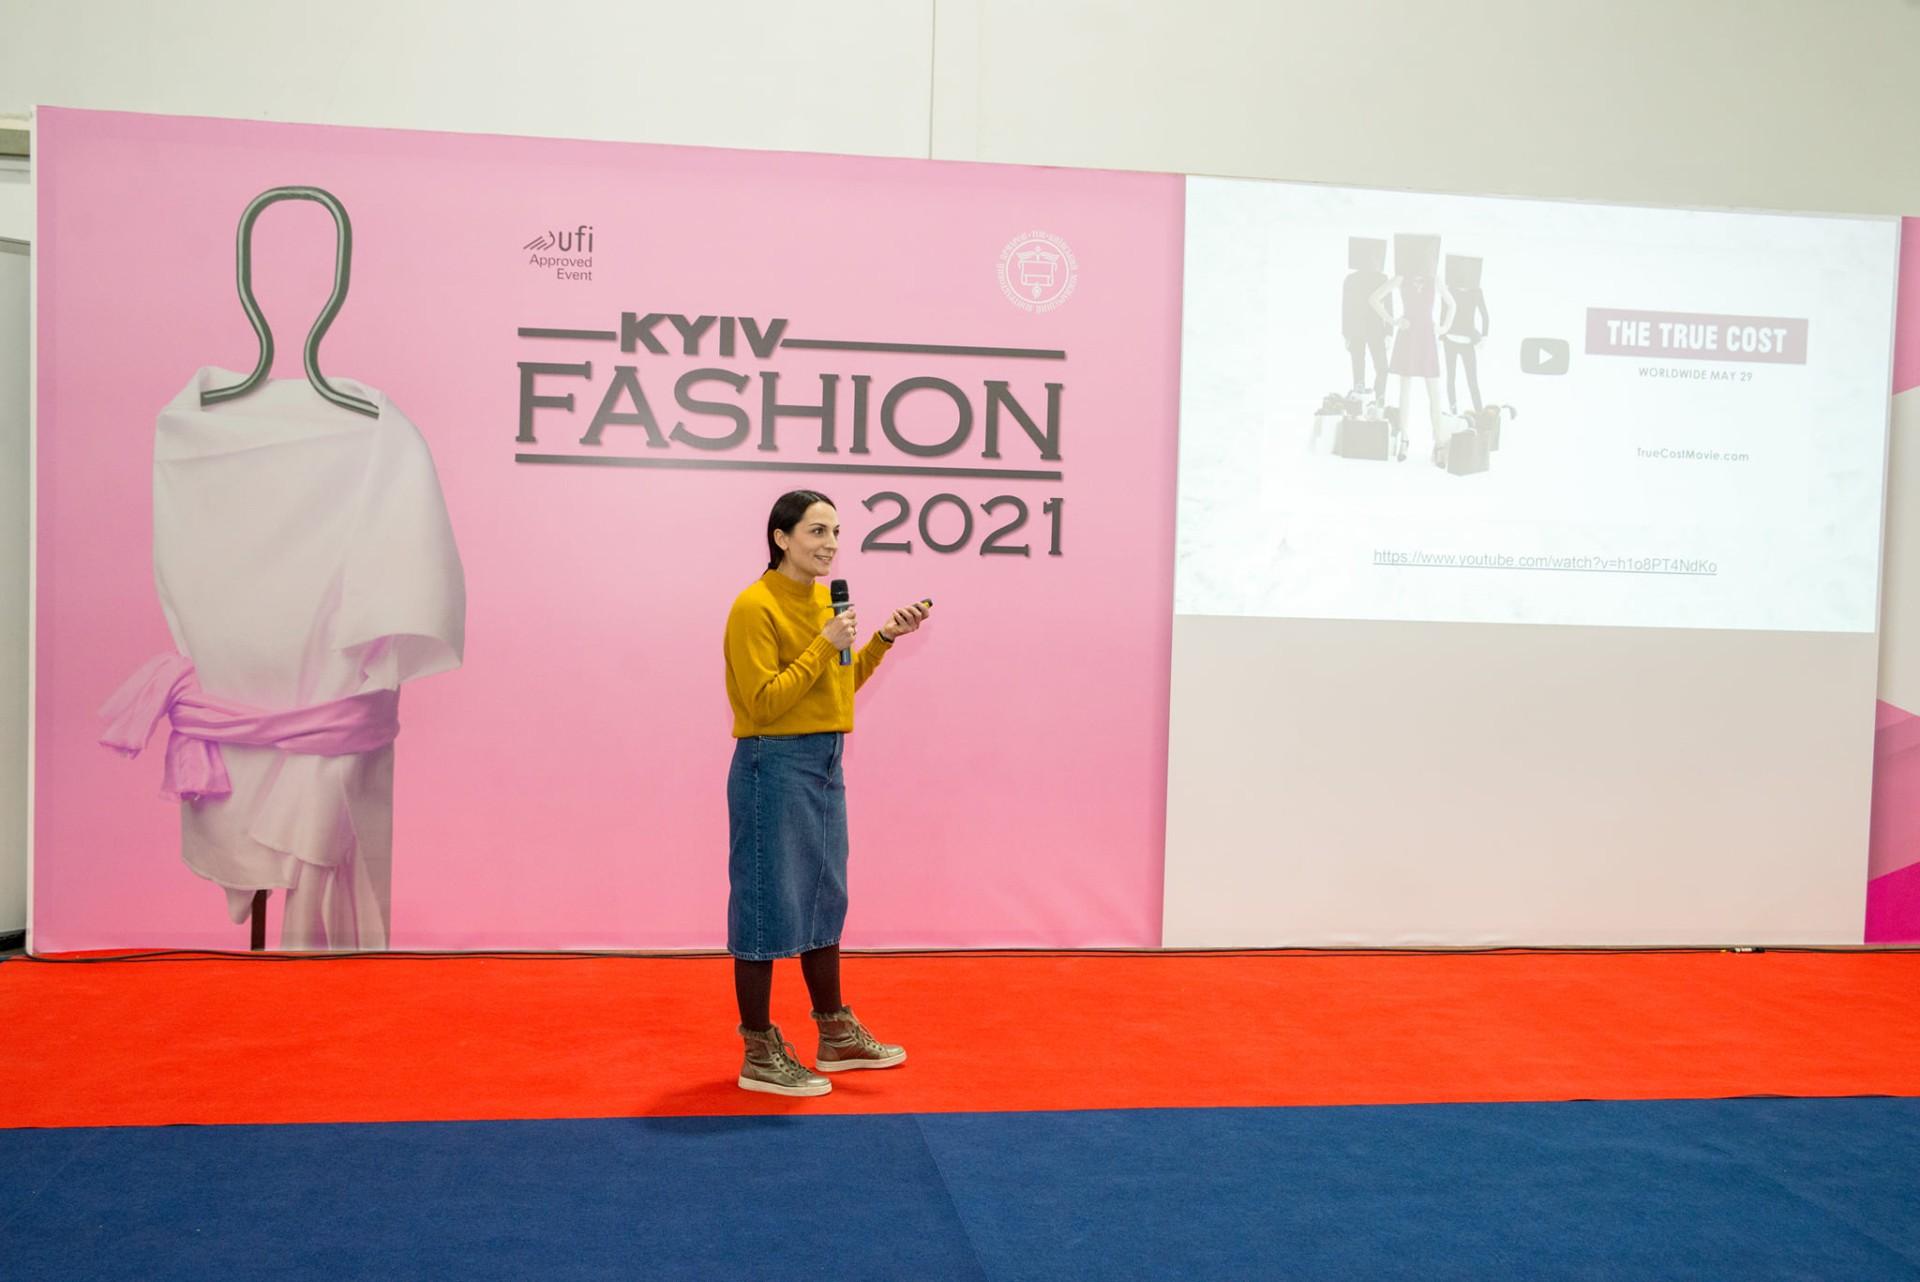 Завершуємо перший насичений день Kyiv Fashion ще однією цікавою новиною!